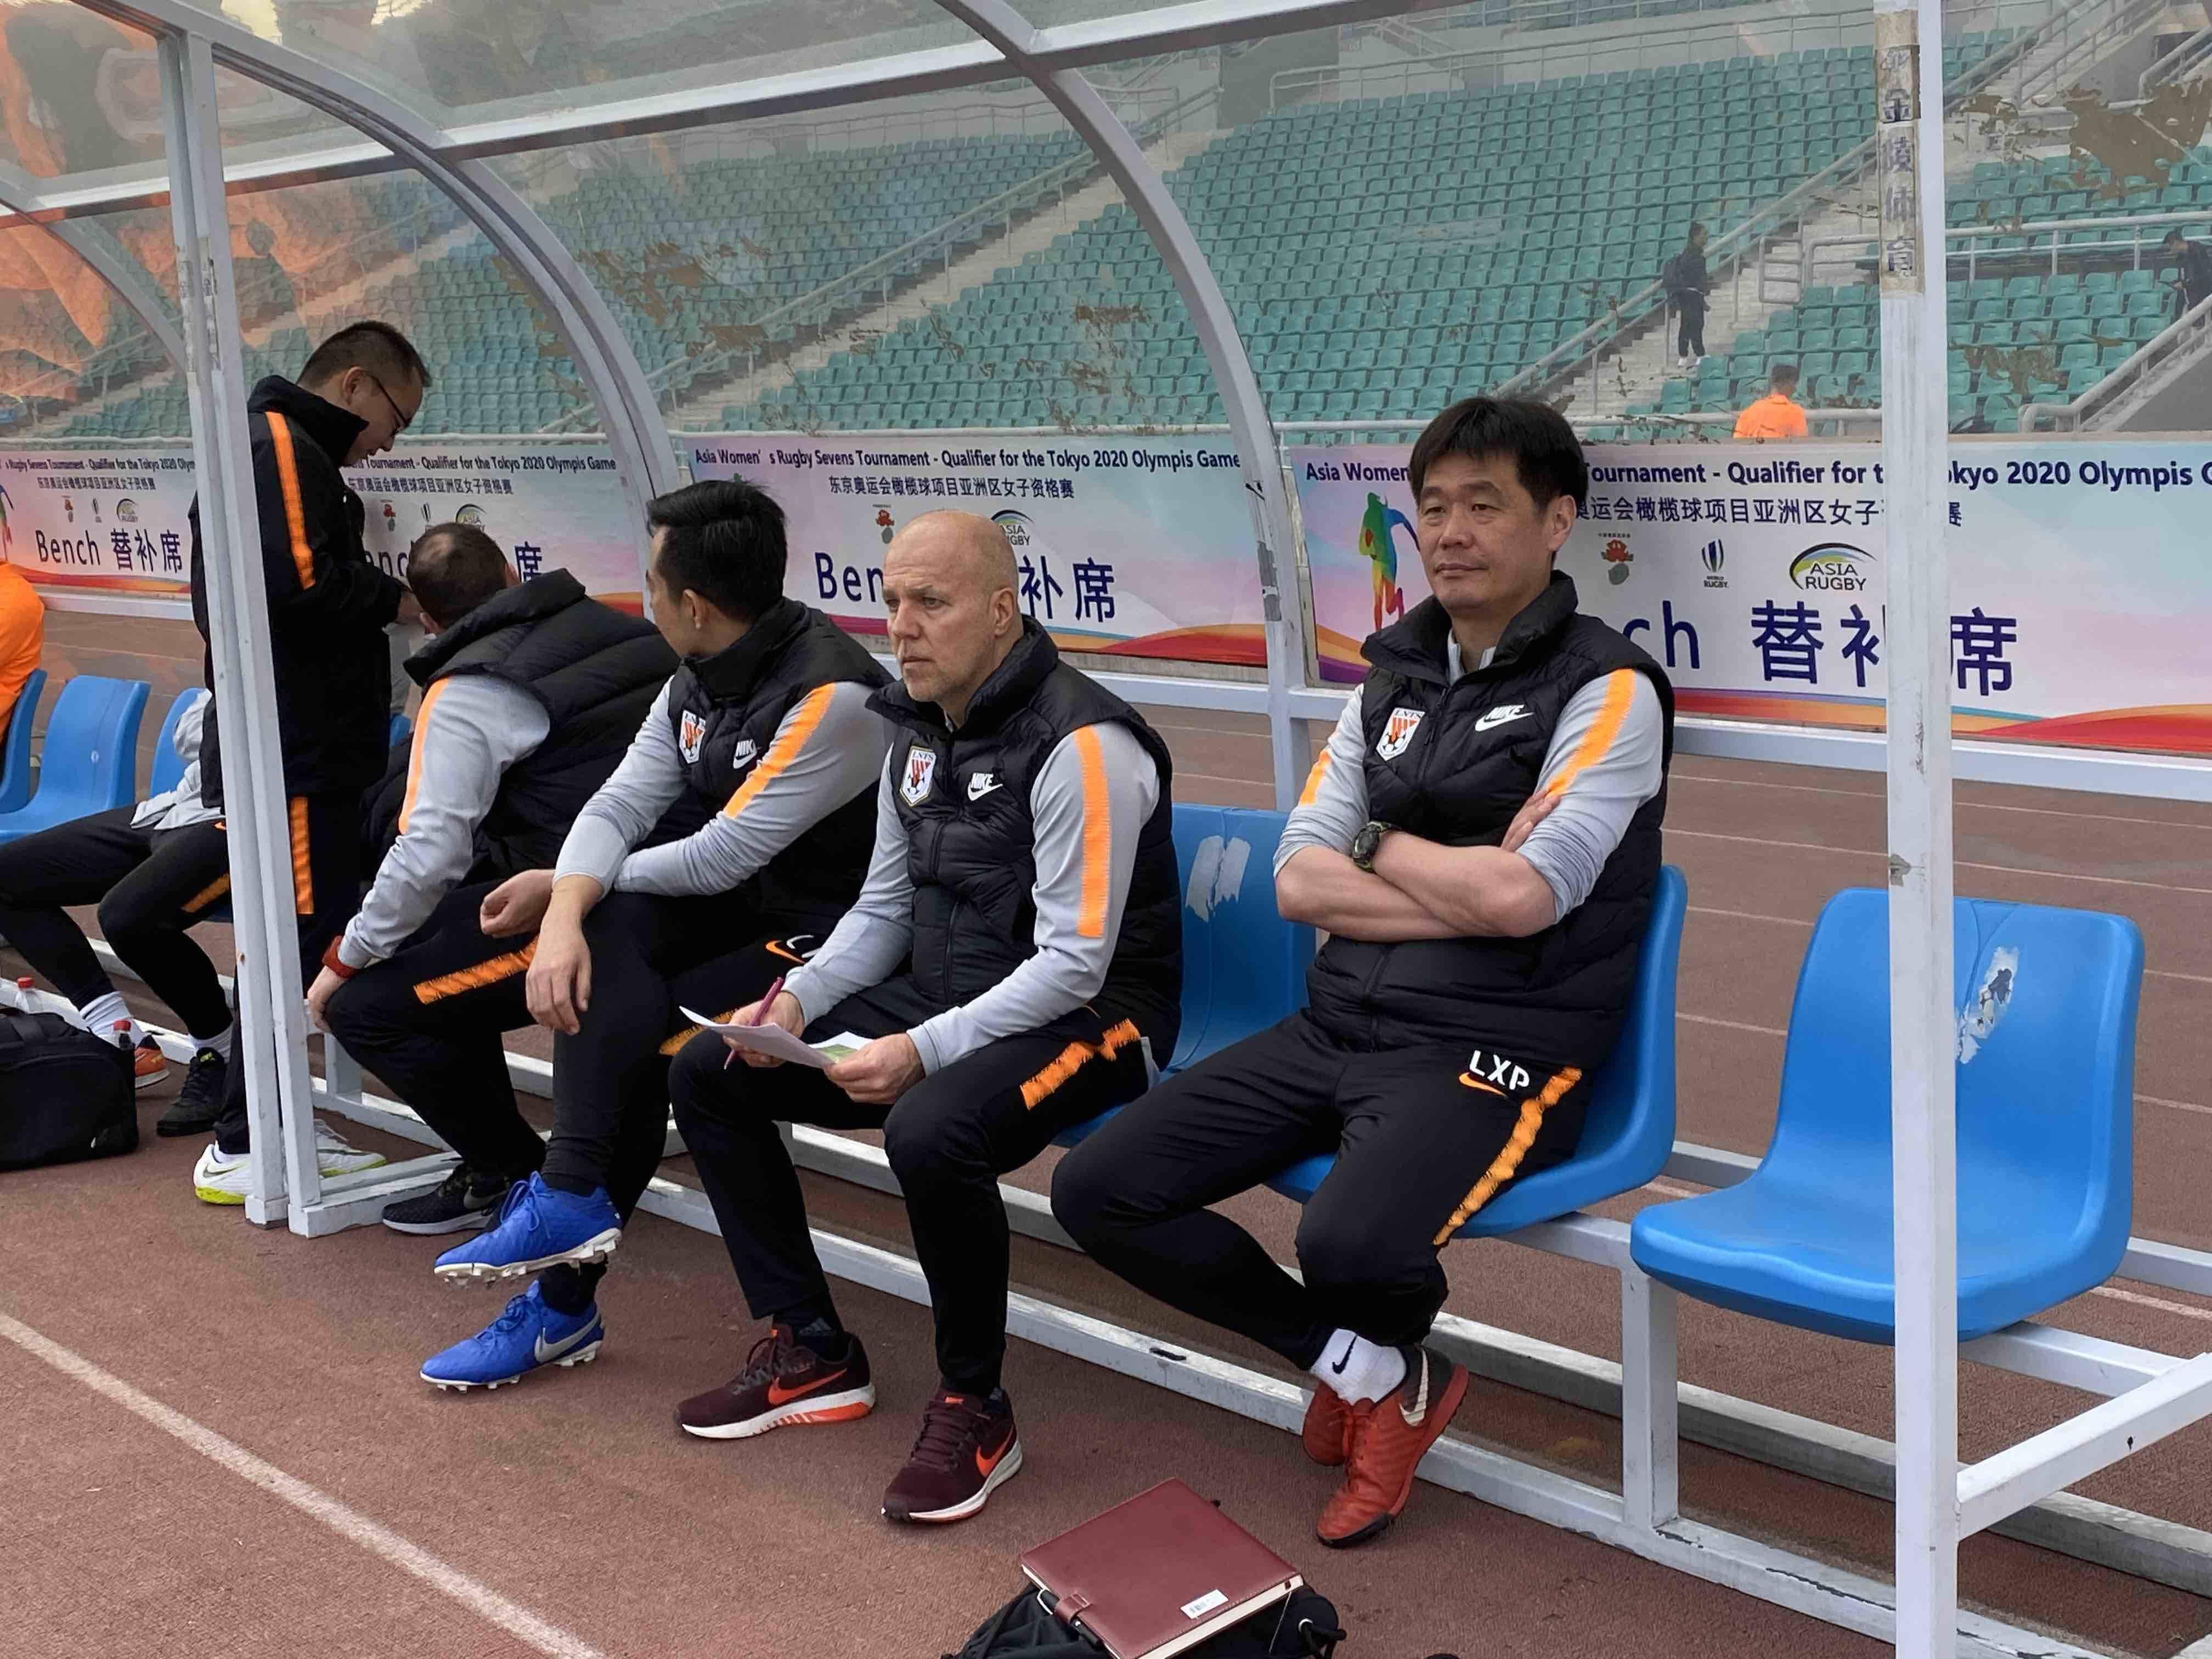 郭田雨身穿上赛季崔鹏球衣出场 鲁能热身赛4-1梅州客家